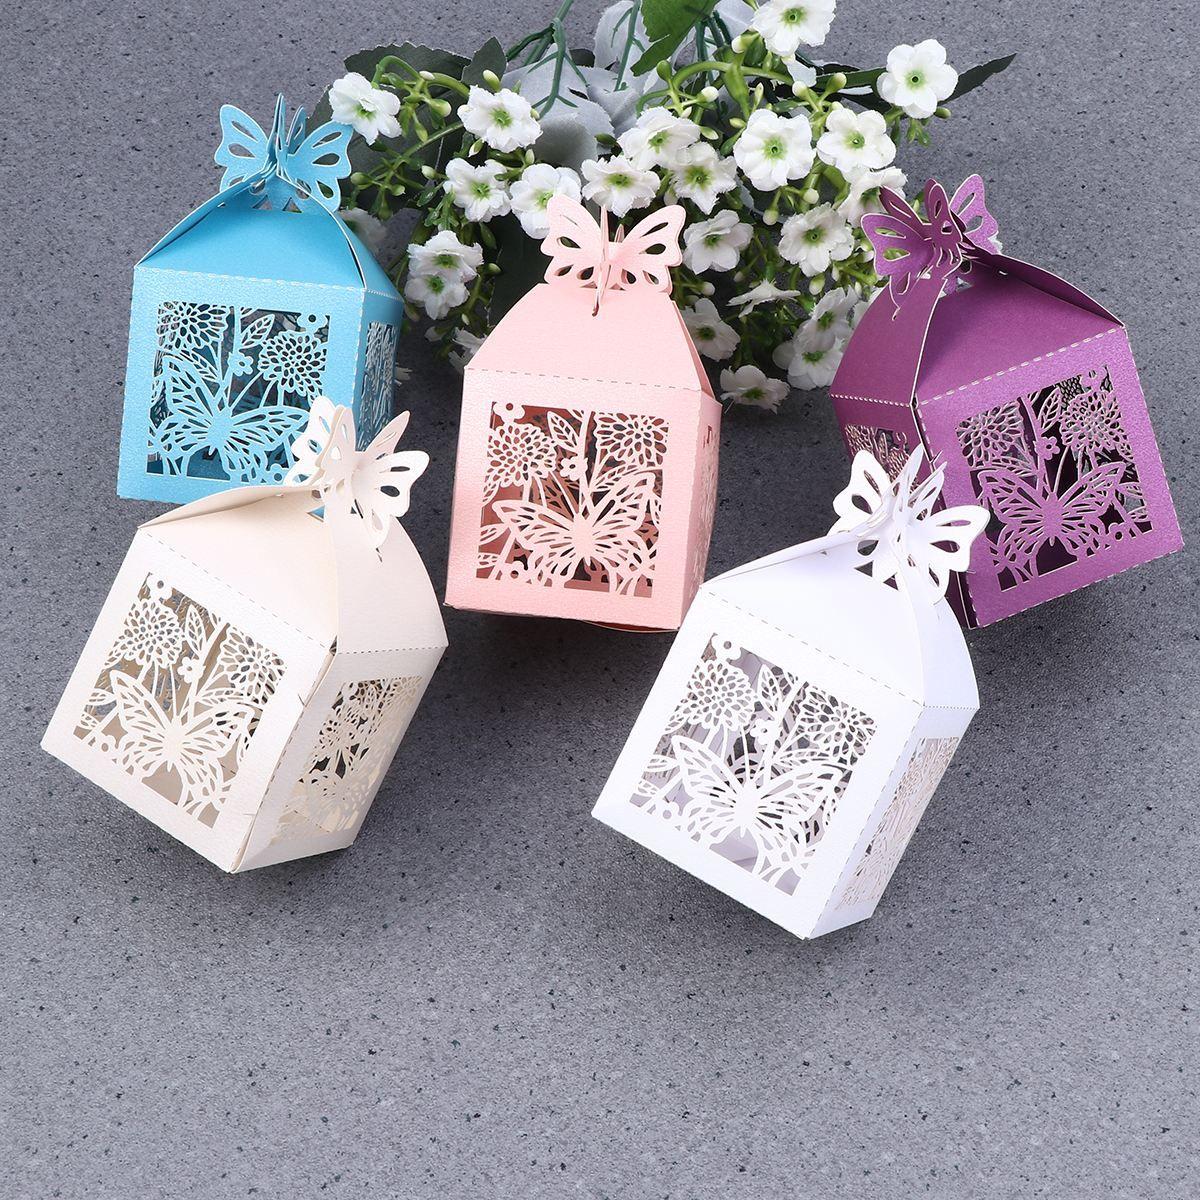 5 Couleur 50 Pcs Boîte De Faveur De Mariage Papillon Creux Out Craft Boîte De Papier Pour Cadeaux Bonbons Bonbons De Mariage Fête Danniversaire